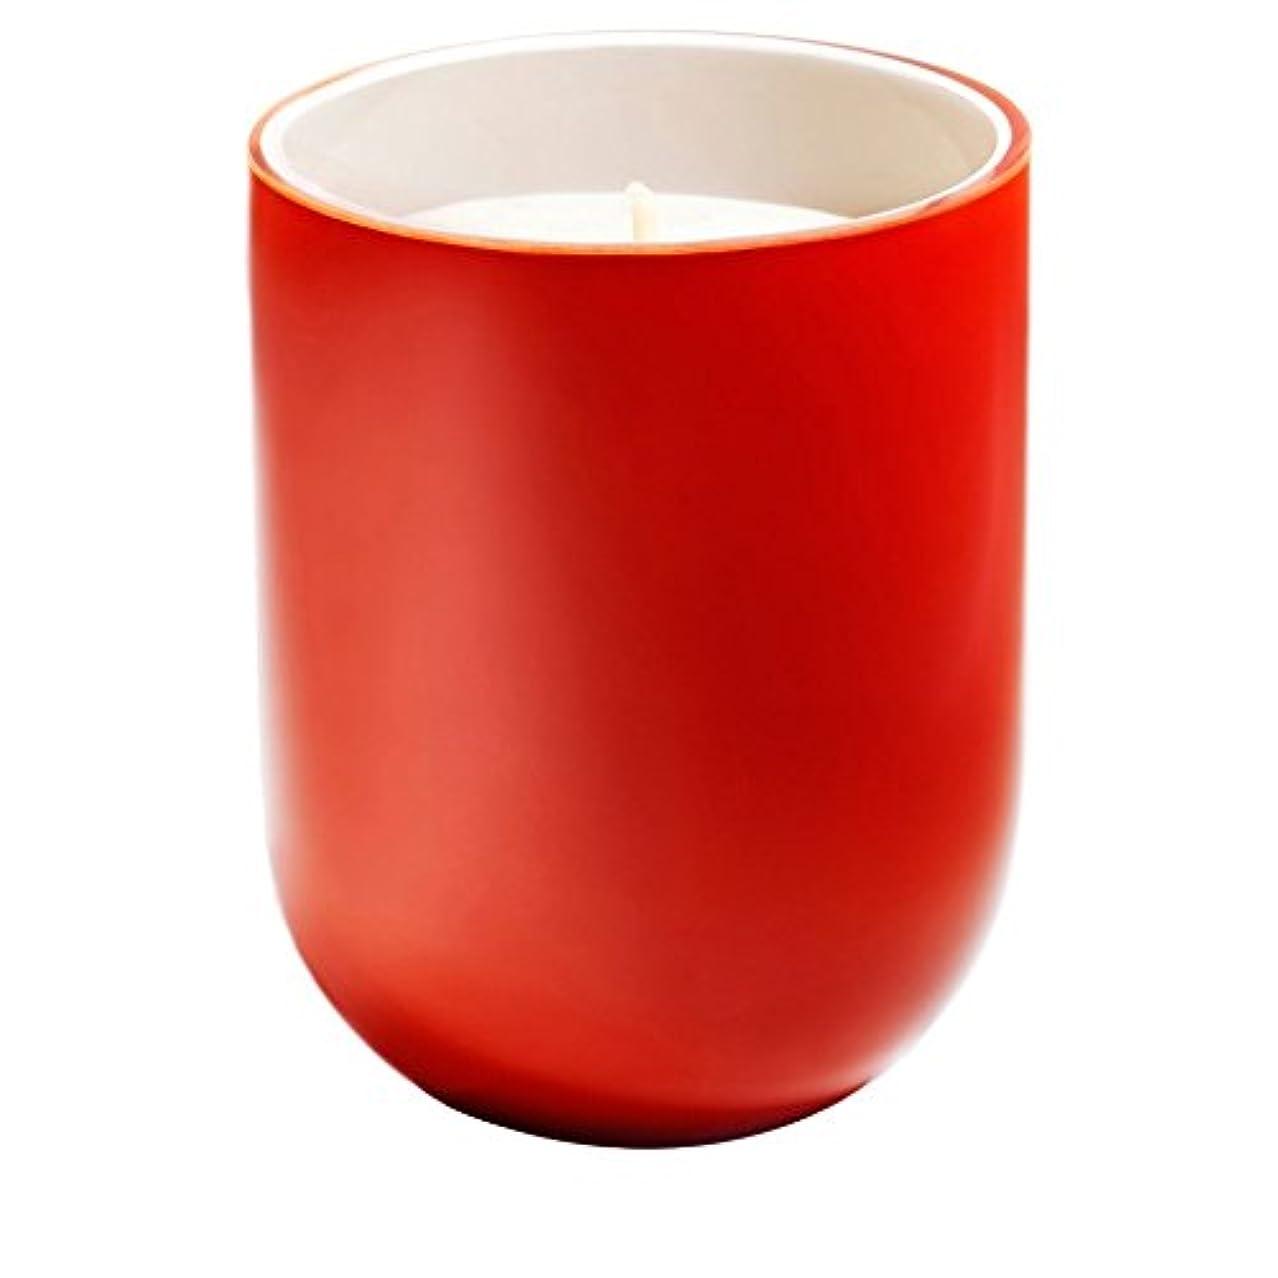 代数対処残高Frederic Malle Russian Night Scented Candle (Pack of 2) - フレデリック?マルロシアの夜香りのキャンドル x2 [並行輸入品]